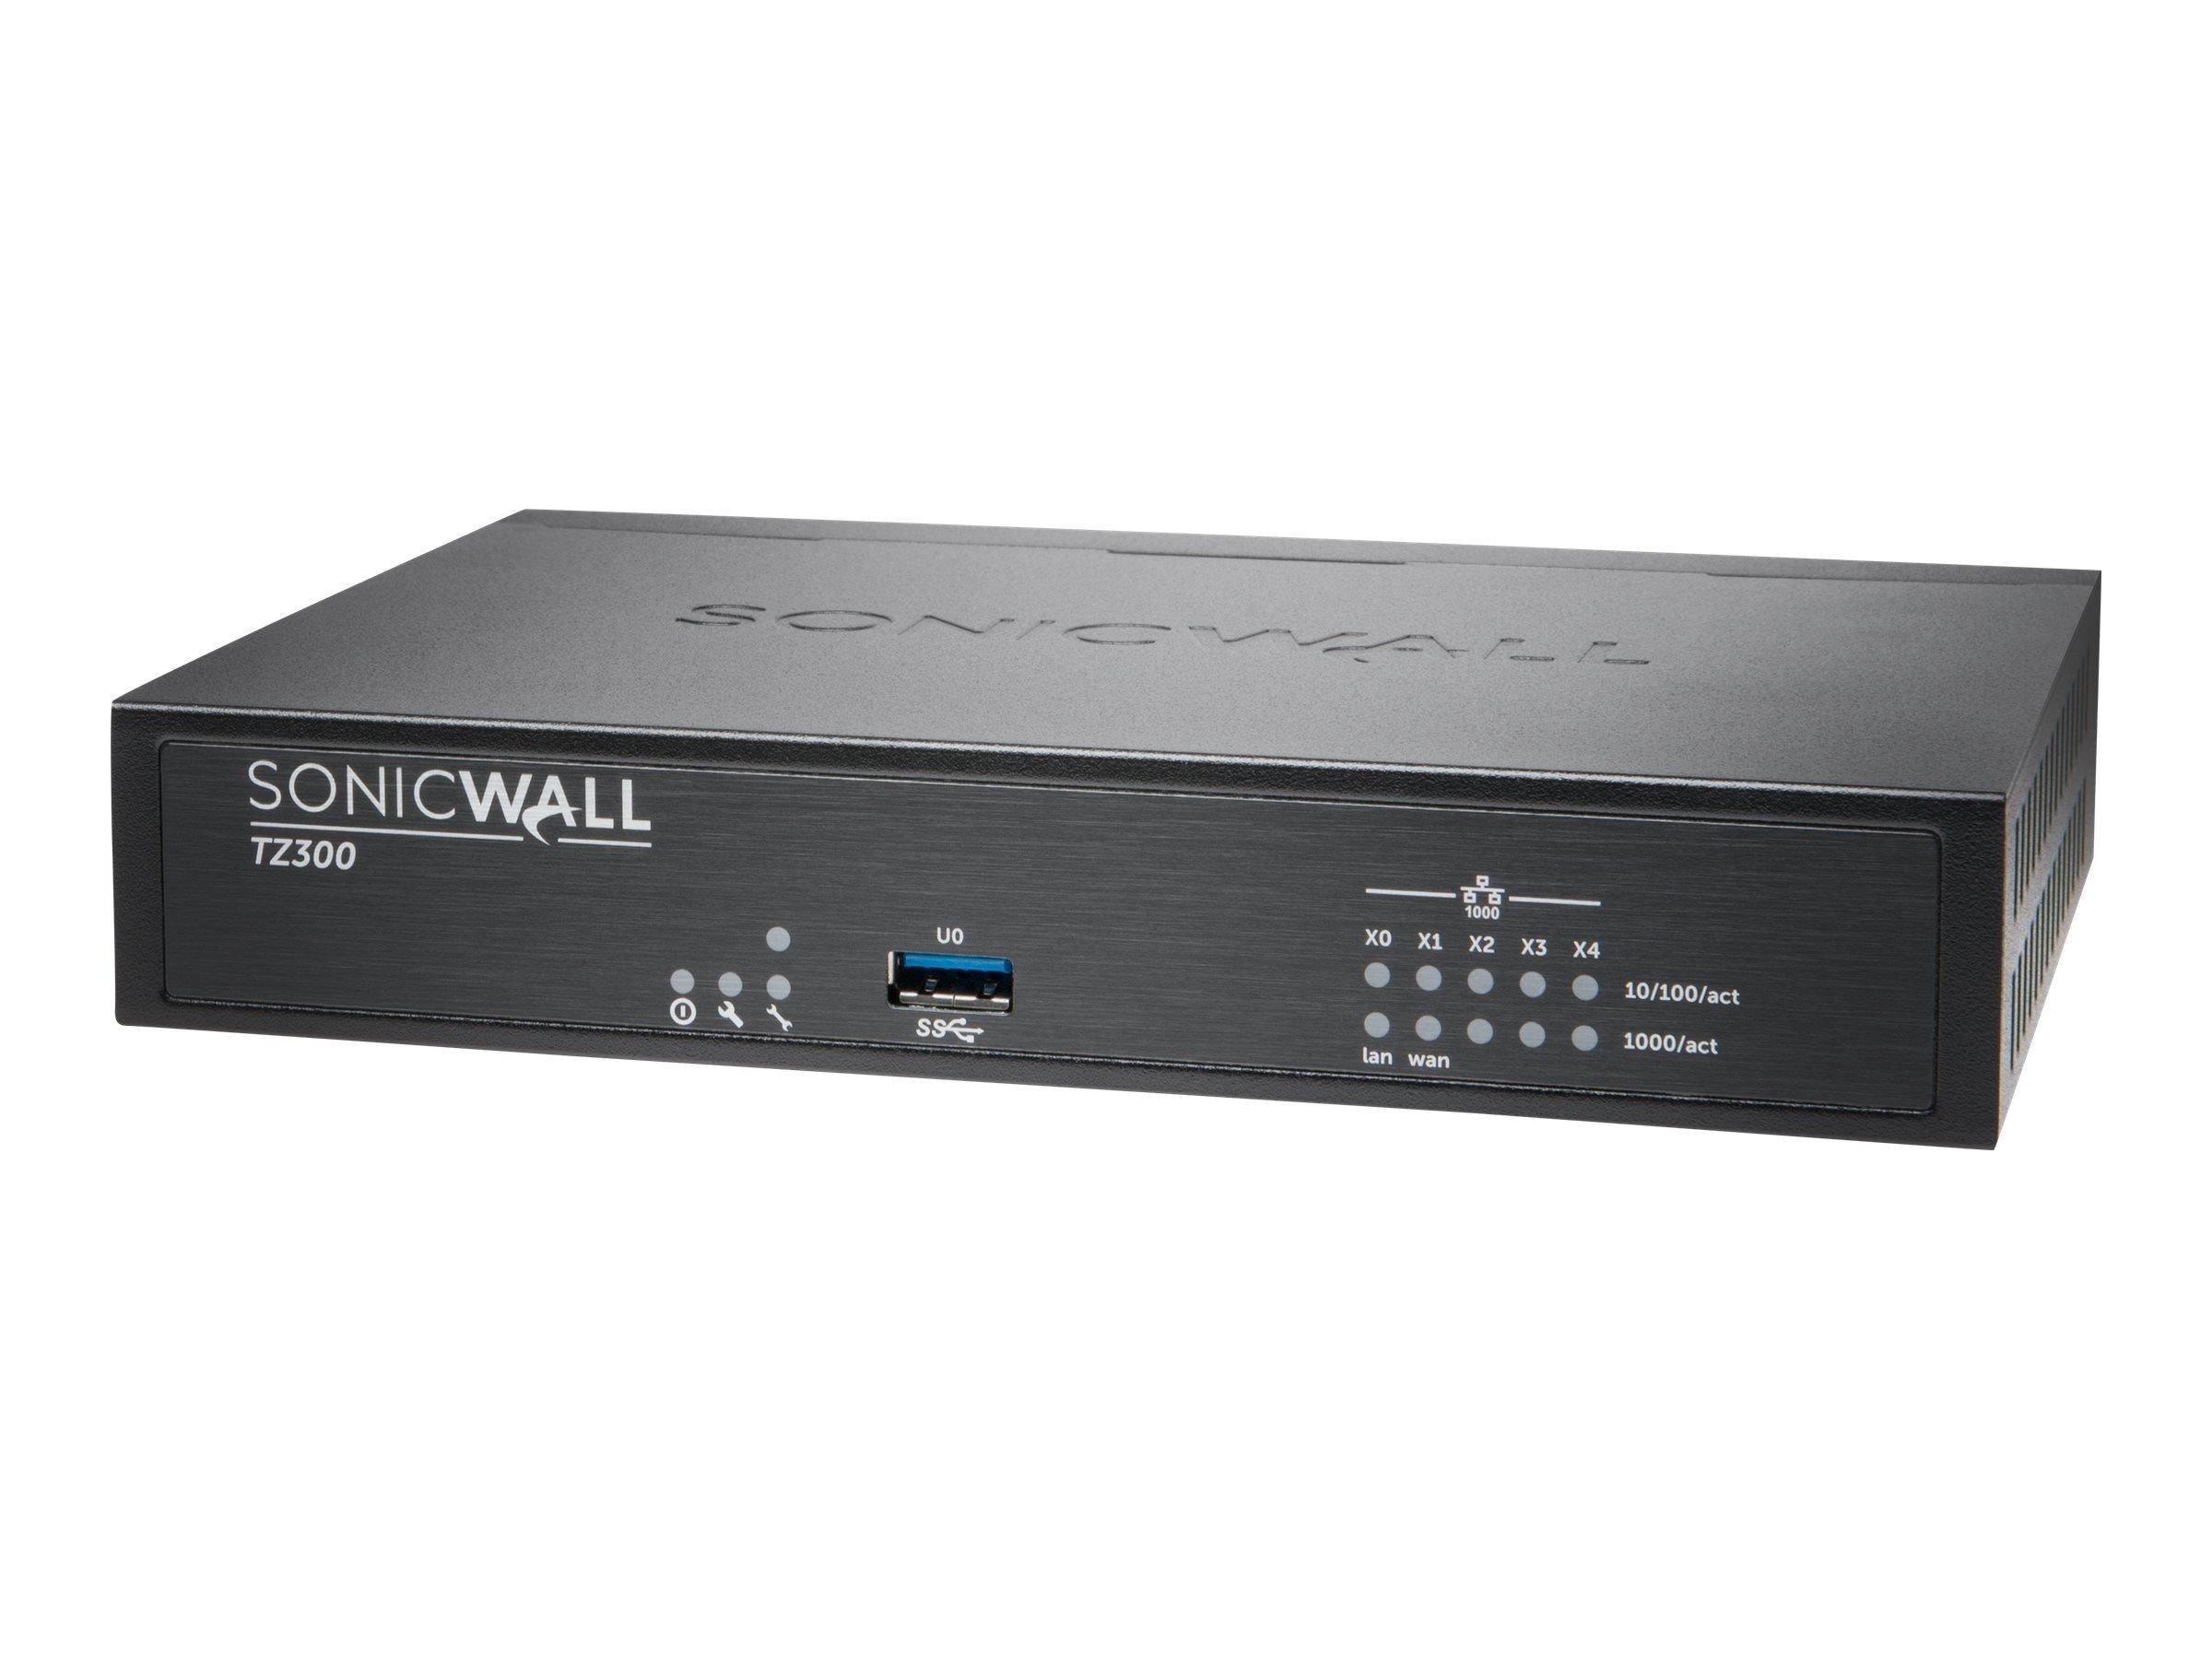 SonicWall TZ300 01-SSC-0215 VPN Wired Gen 6 Firewall Appliance (Hardware only) by Sonicwall